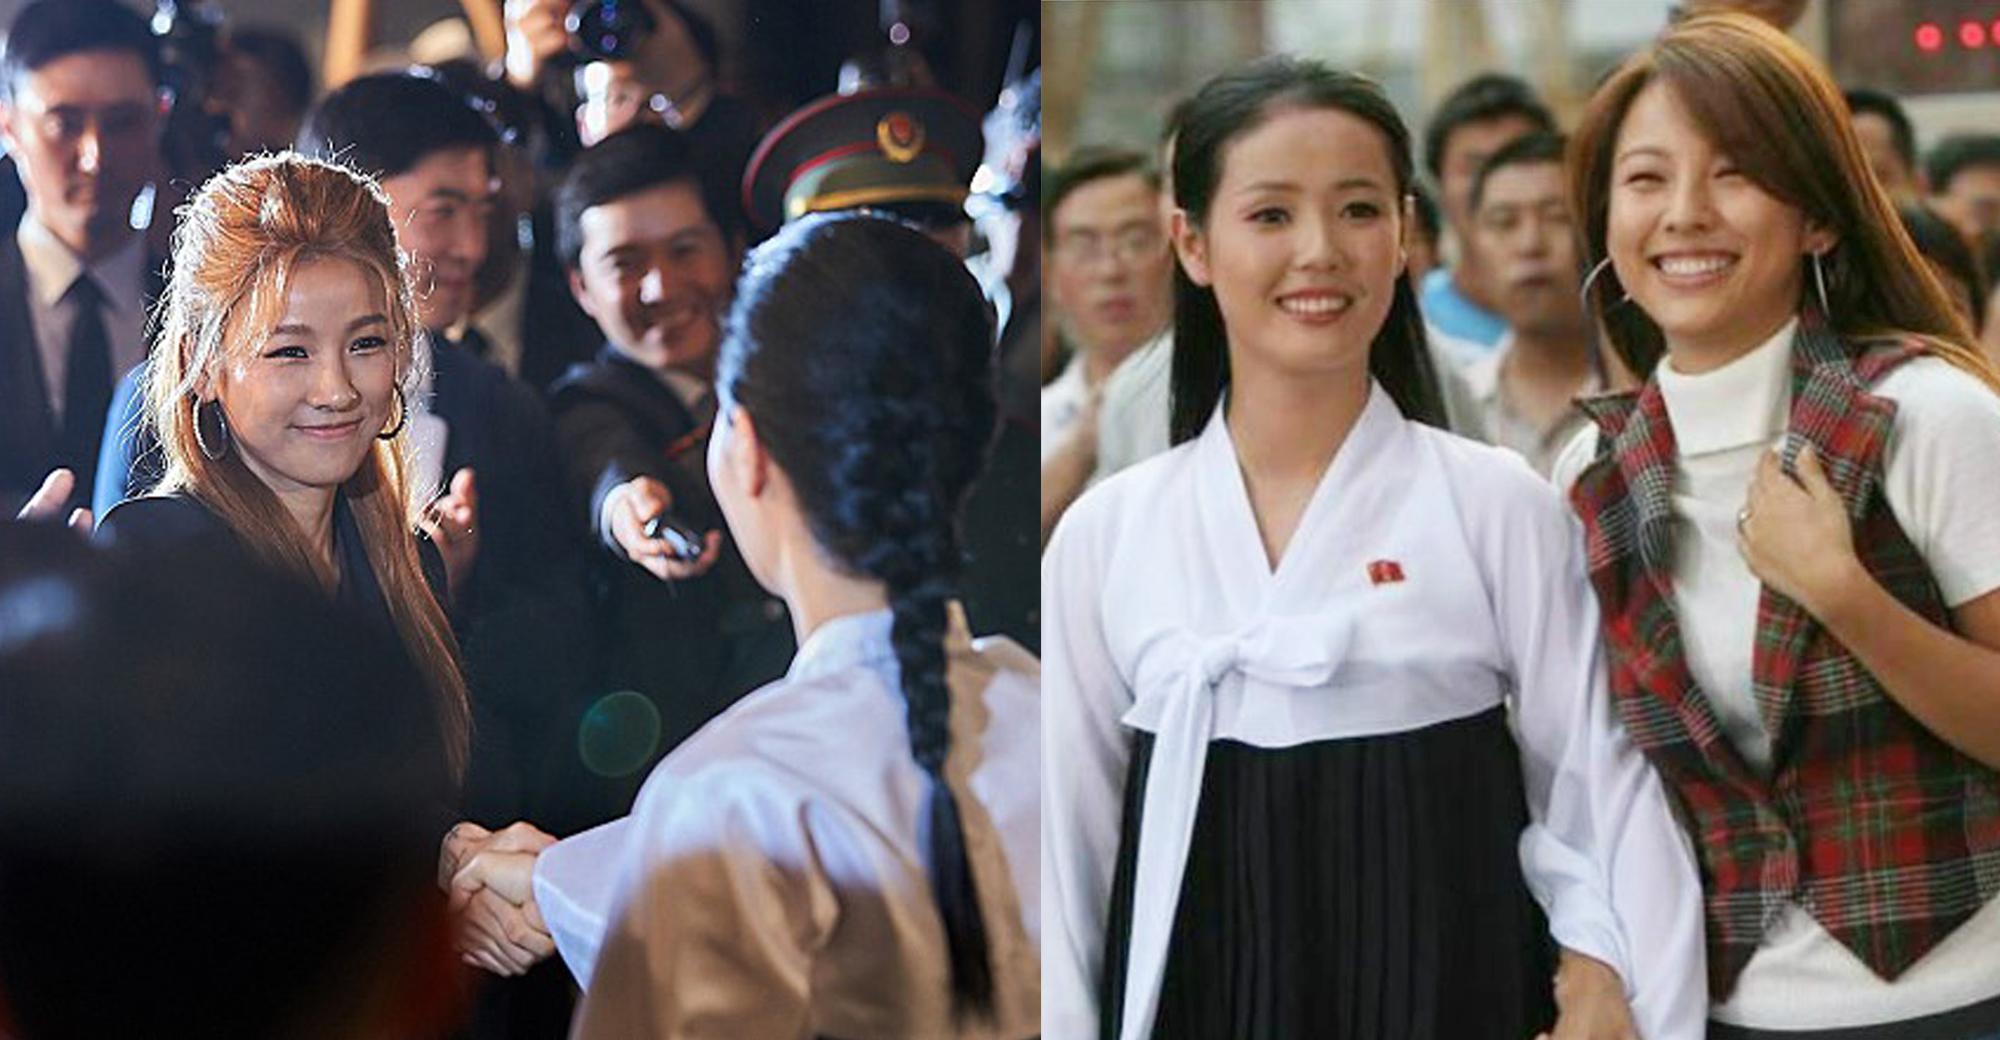 左圖為戲中李孝利的演出,而右圖則是十三年前的世紀廣告,不過當年秀麗的趙明愛,近年卻生活黯淡。